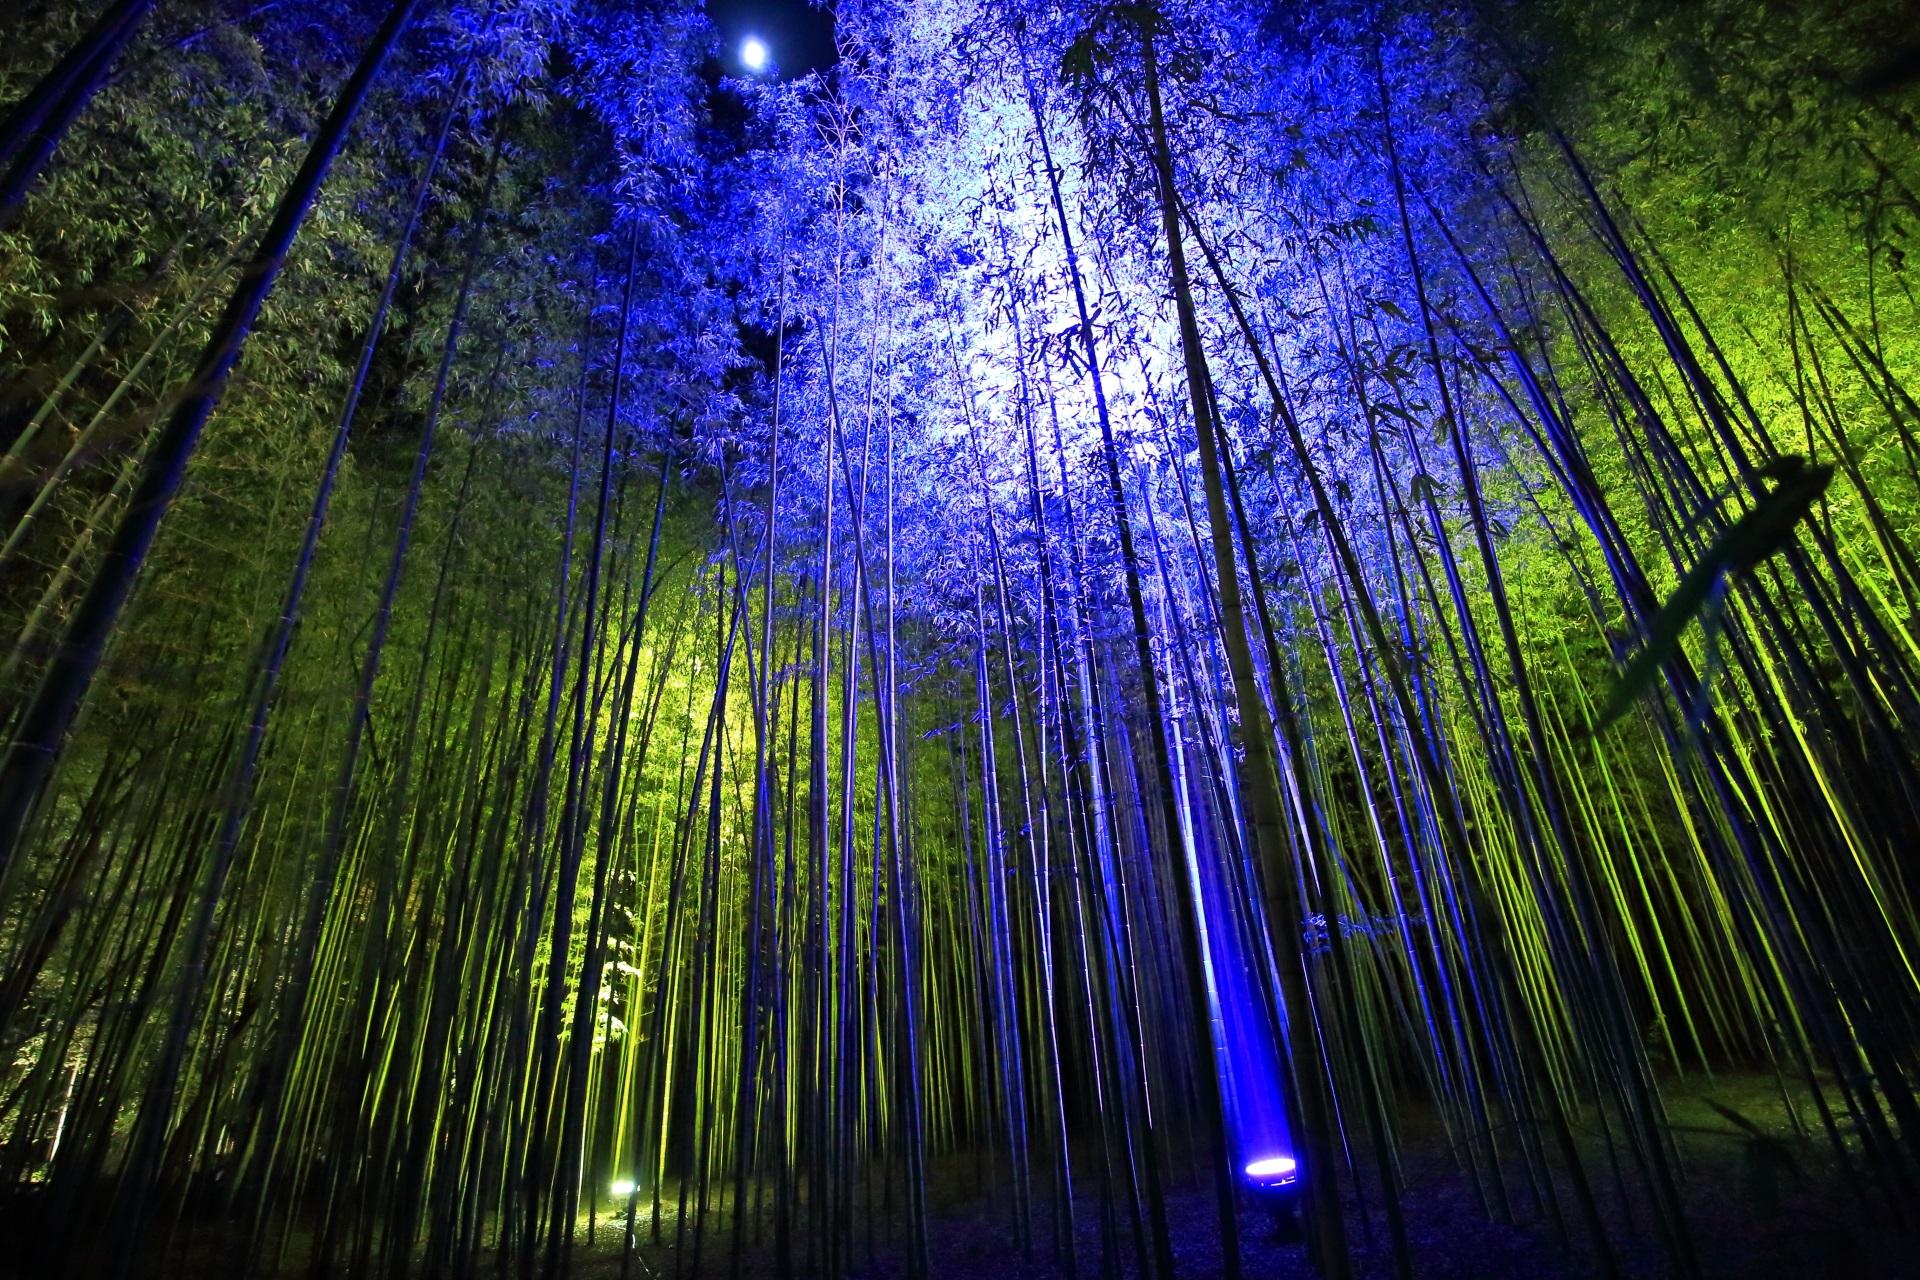 竹林の道 嵐山花灯路 京都の冬の神秘的なライトアップ